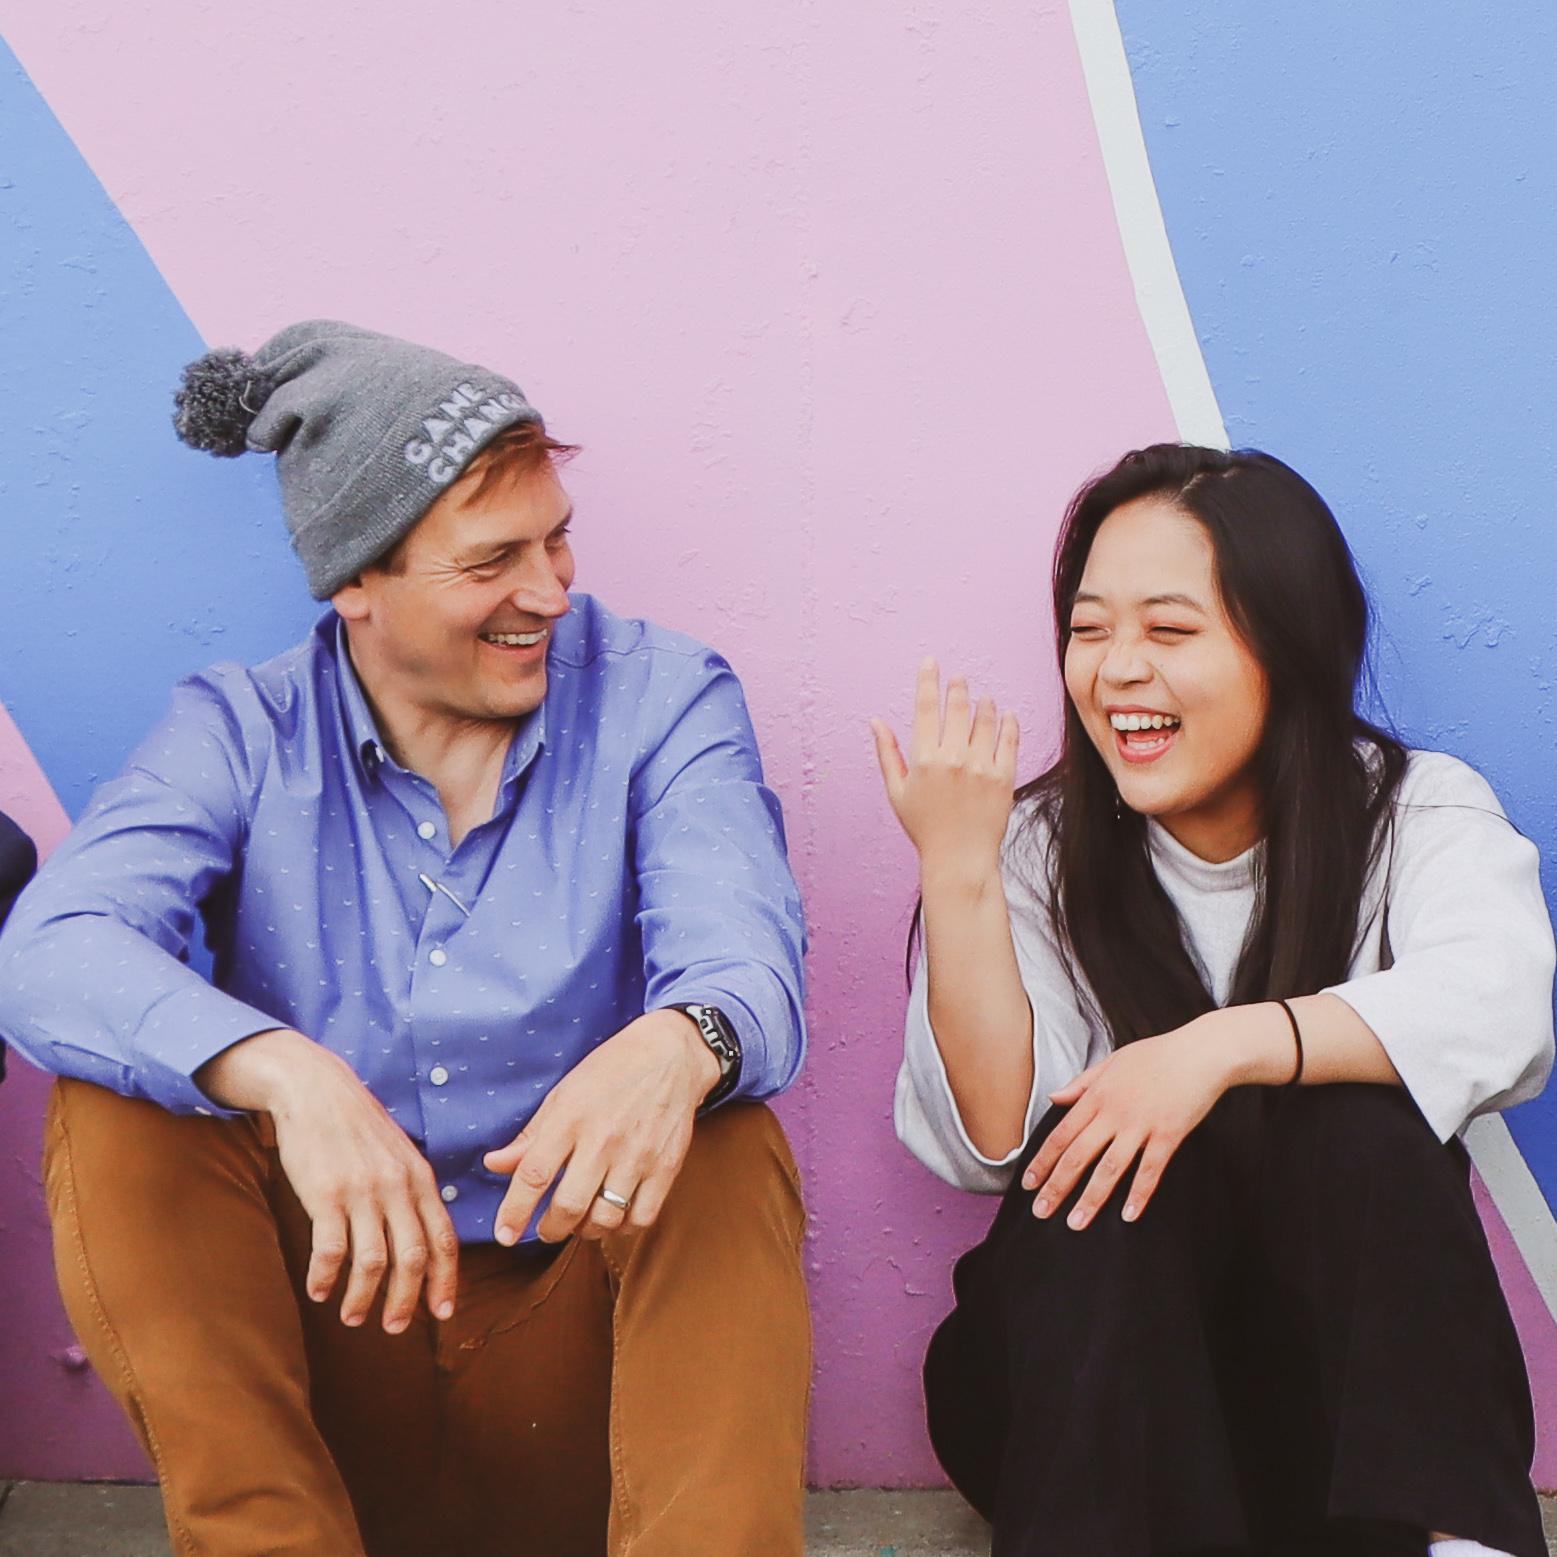 Roy & Han Ju laughing